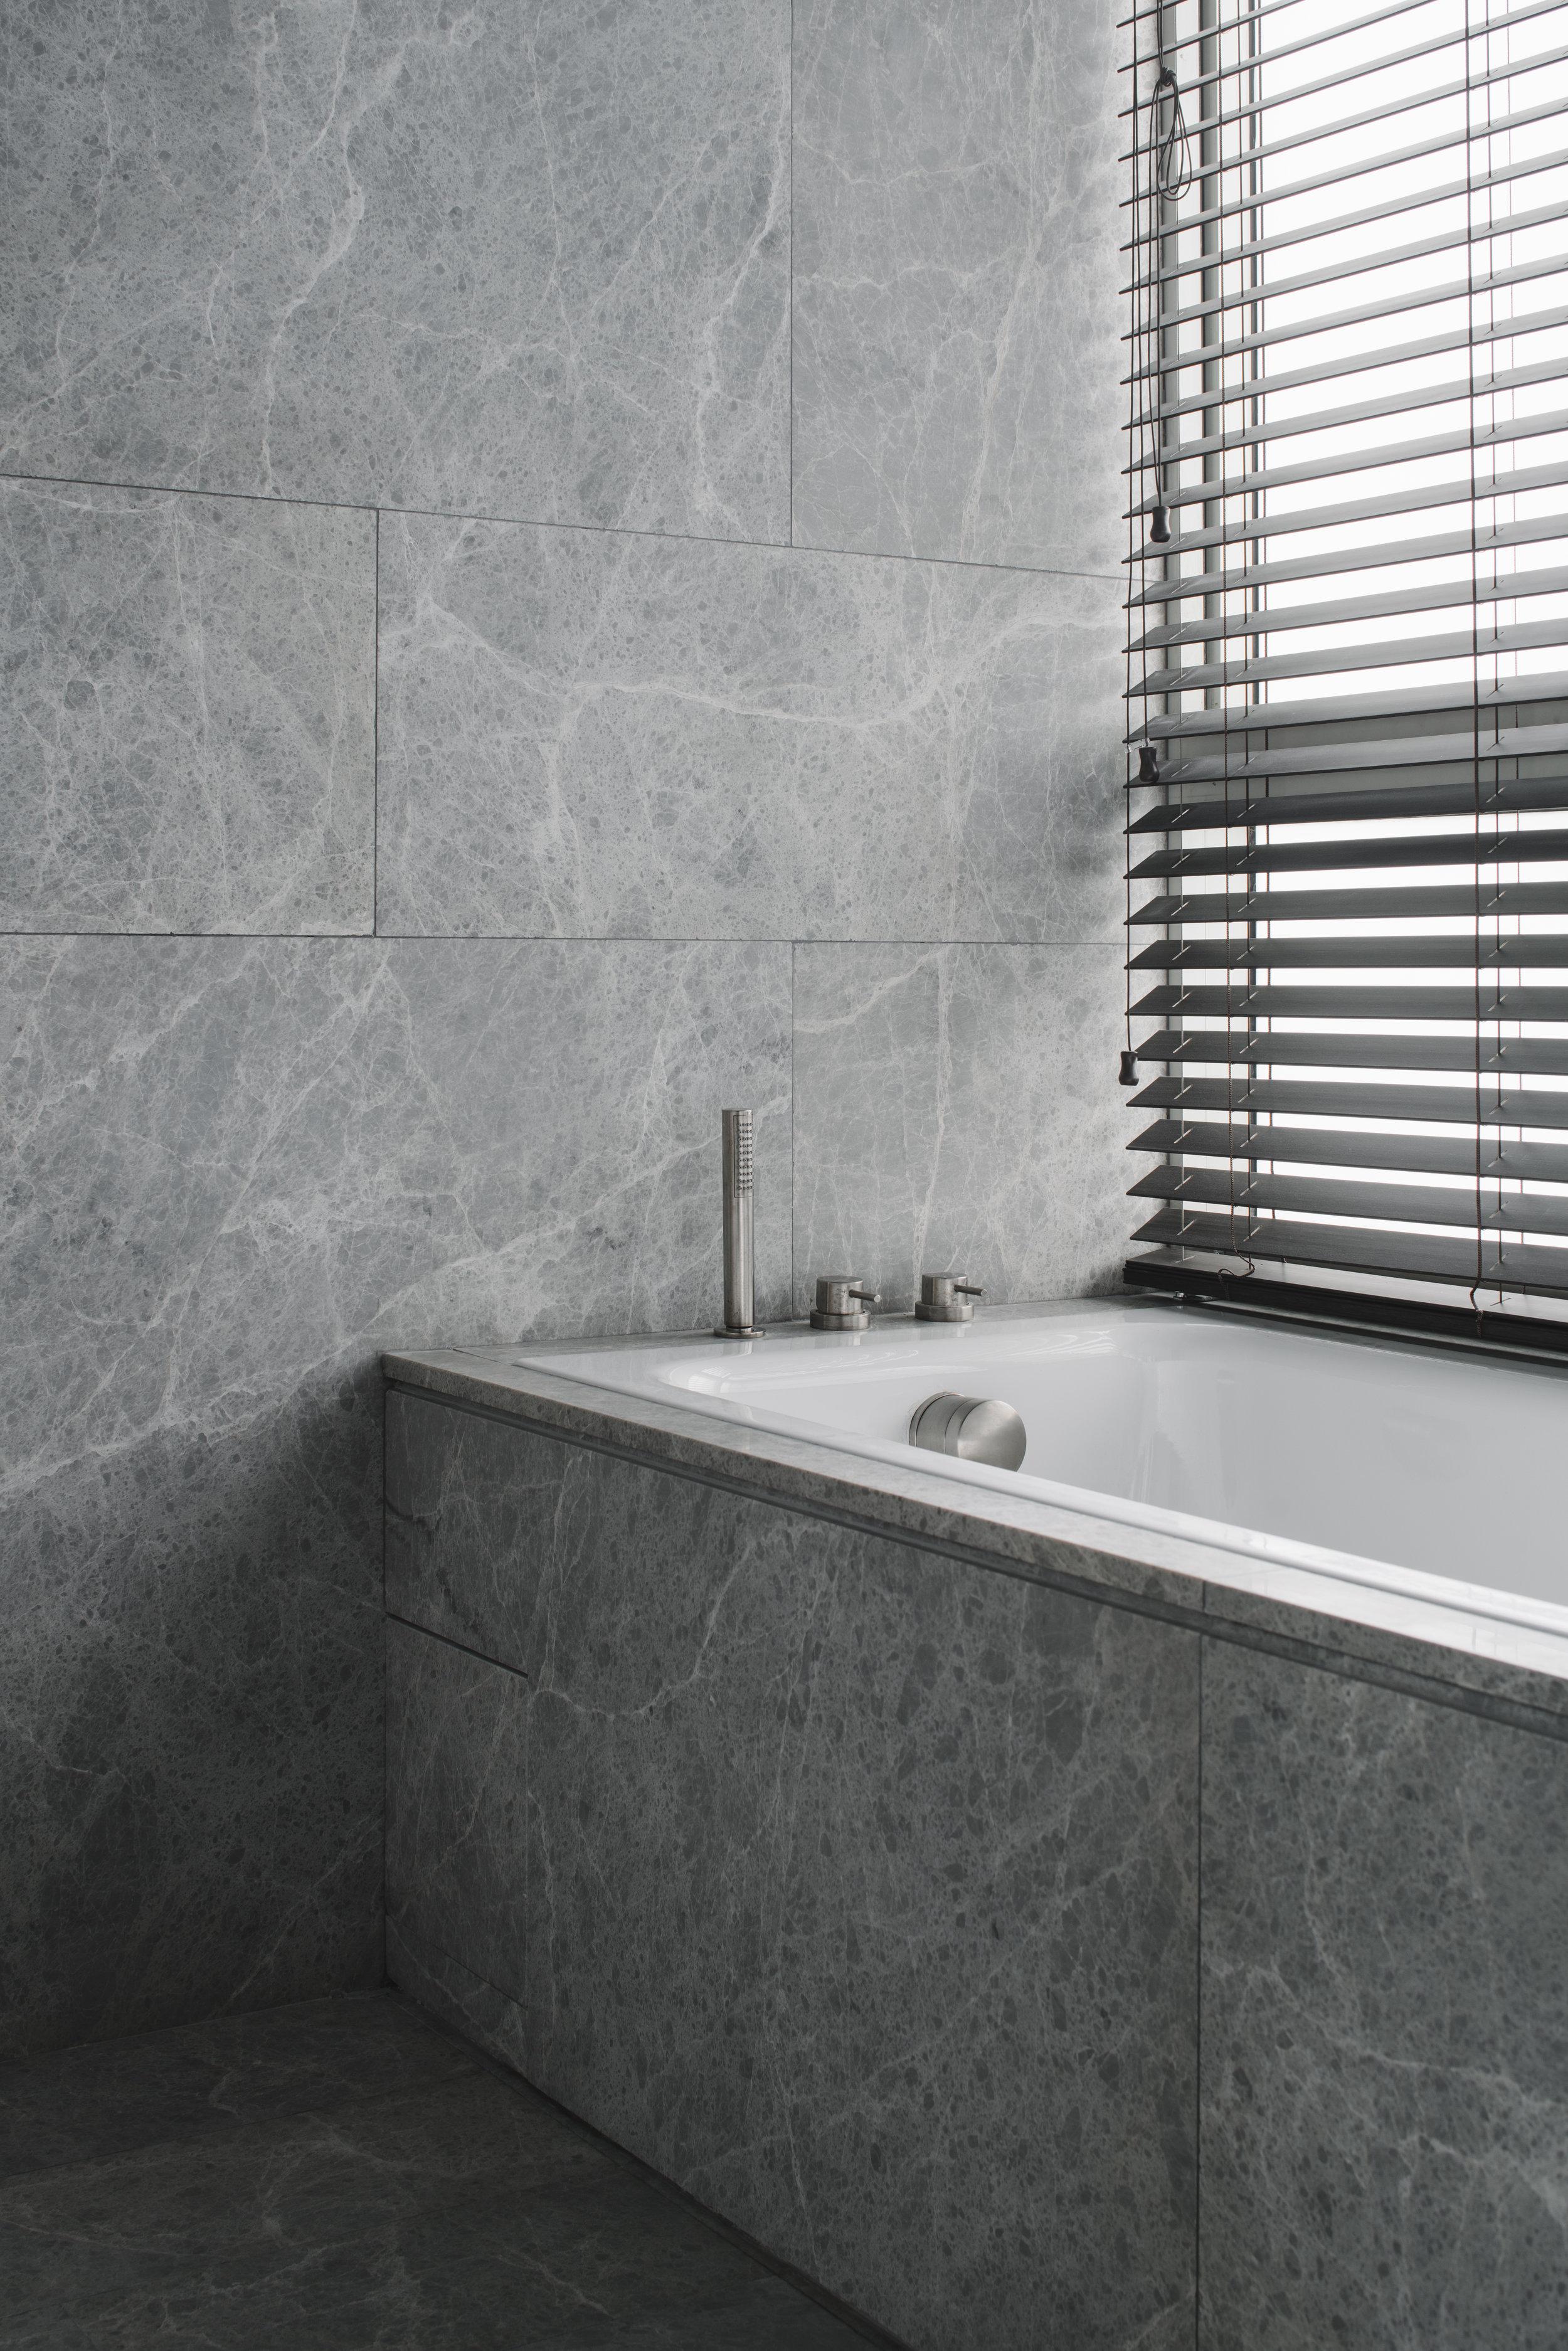 ipli - The Seaview Penthouse012.jpg